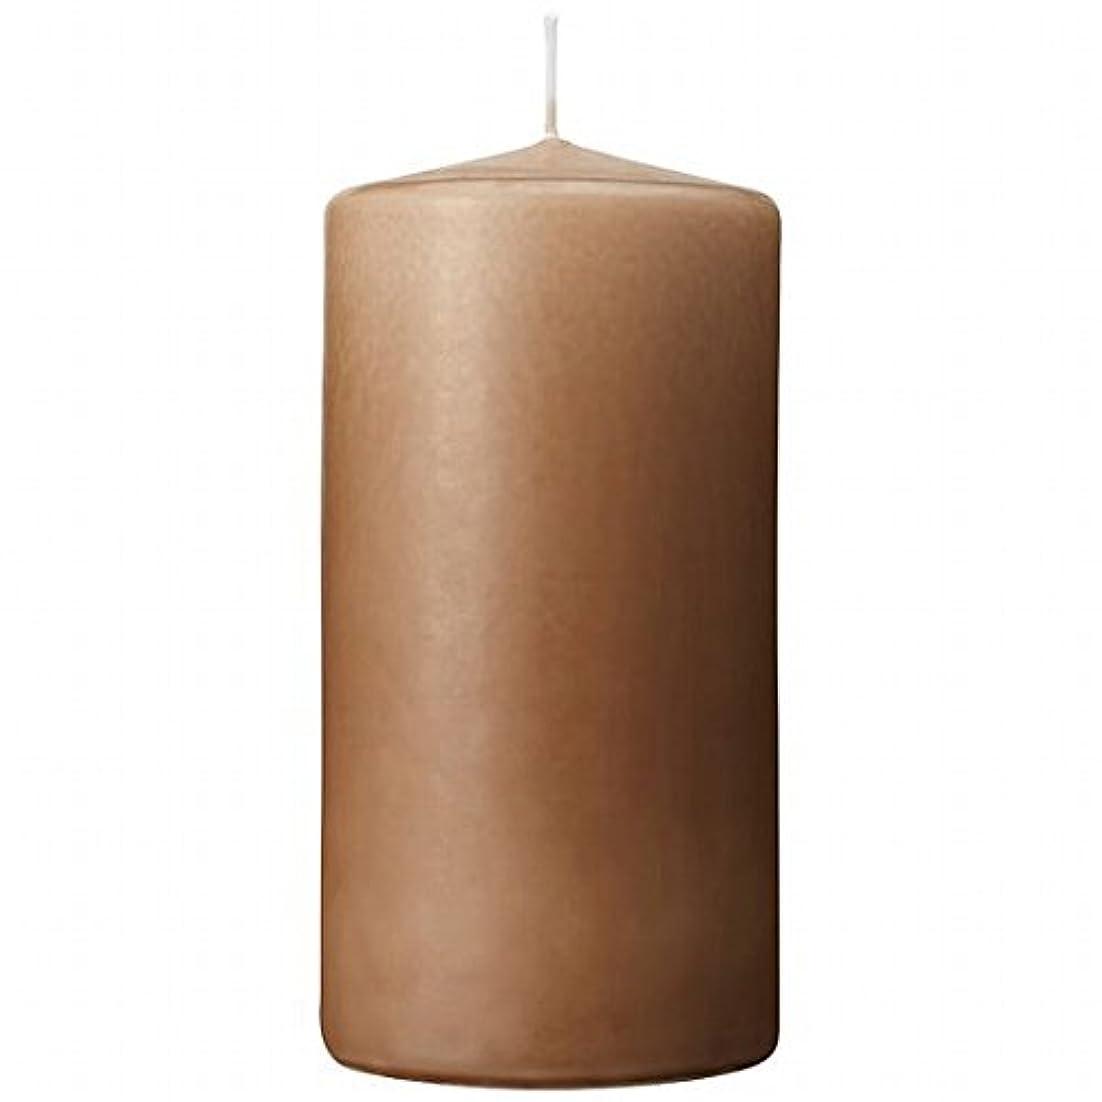 ラッチ不名誉な大きなスケールで見るとカメヤマキャンドル(kameyama candle) 3×6ベルトップピラーキャンドル 「 モカ 」